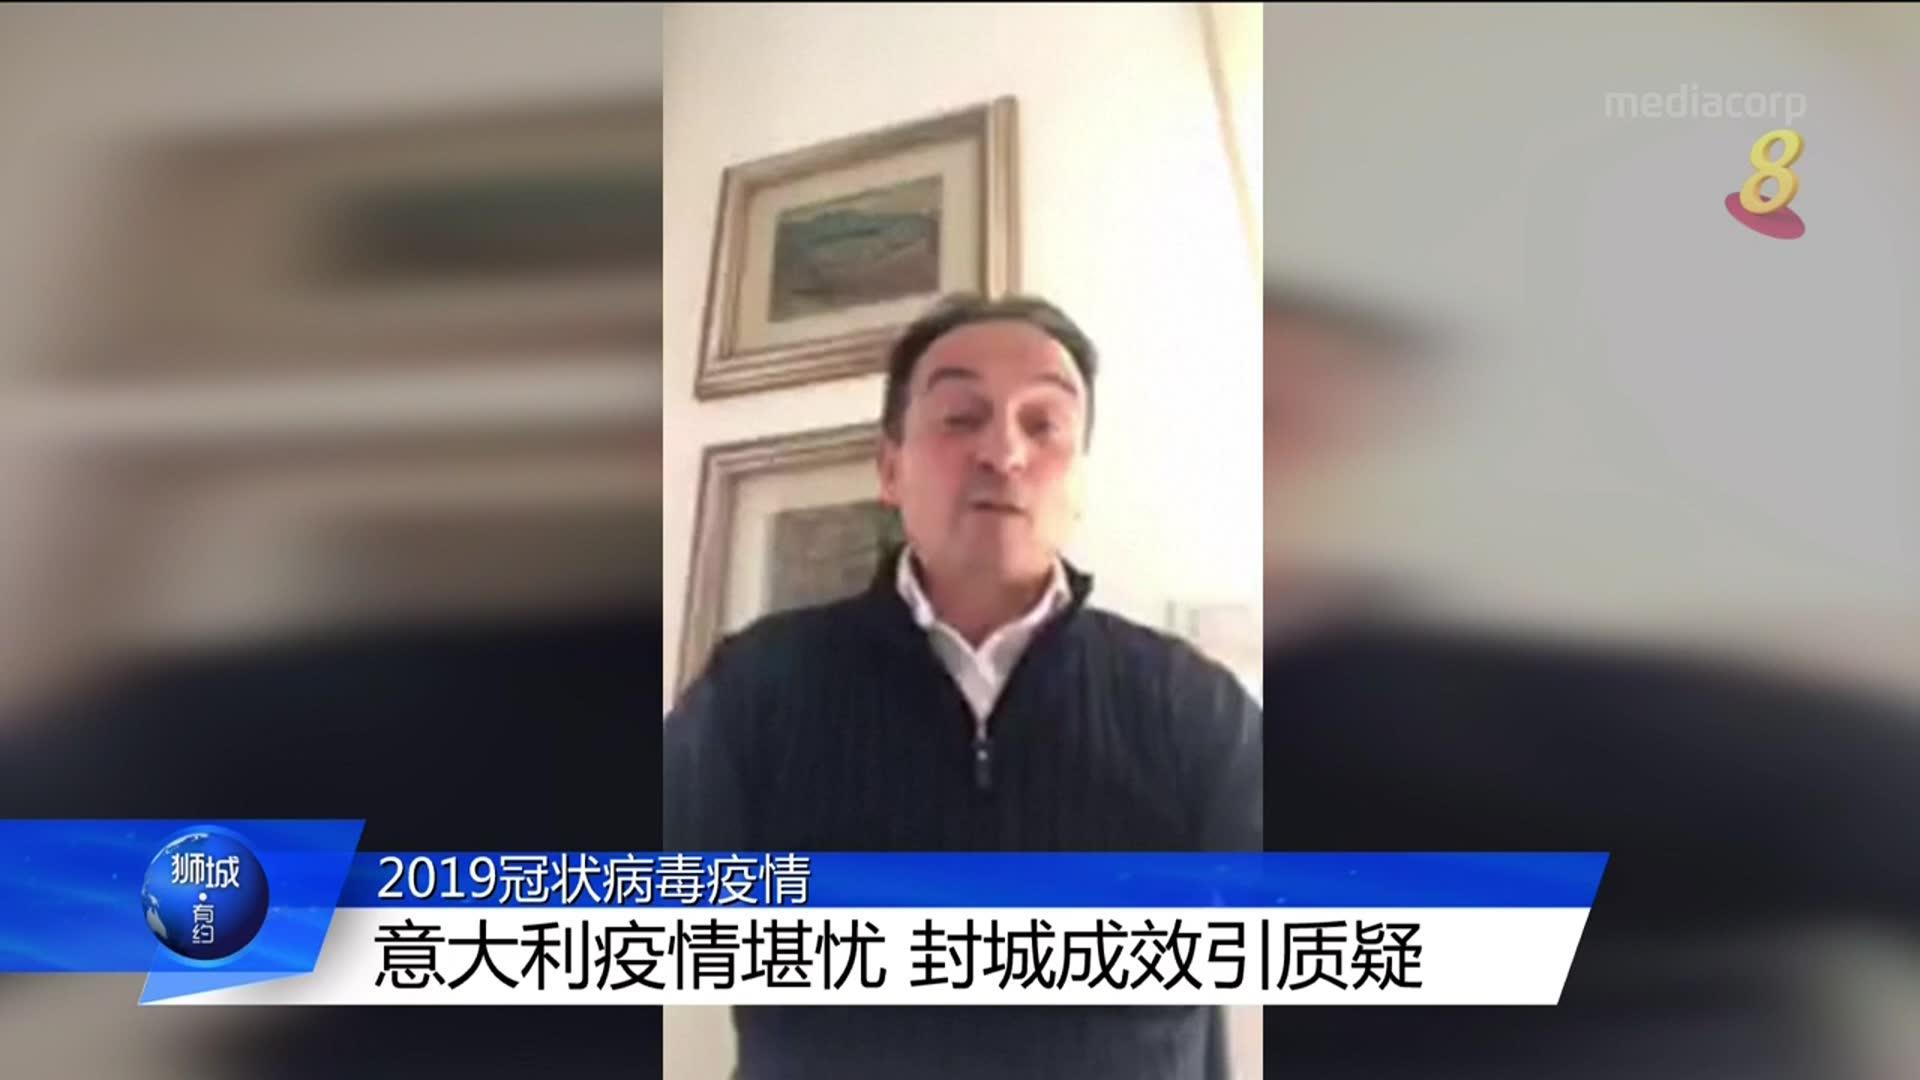 【冠状病毒19】意大利疫情堪忧 封城成效引质疑